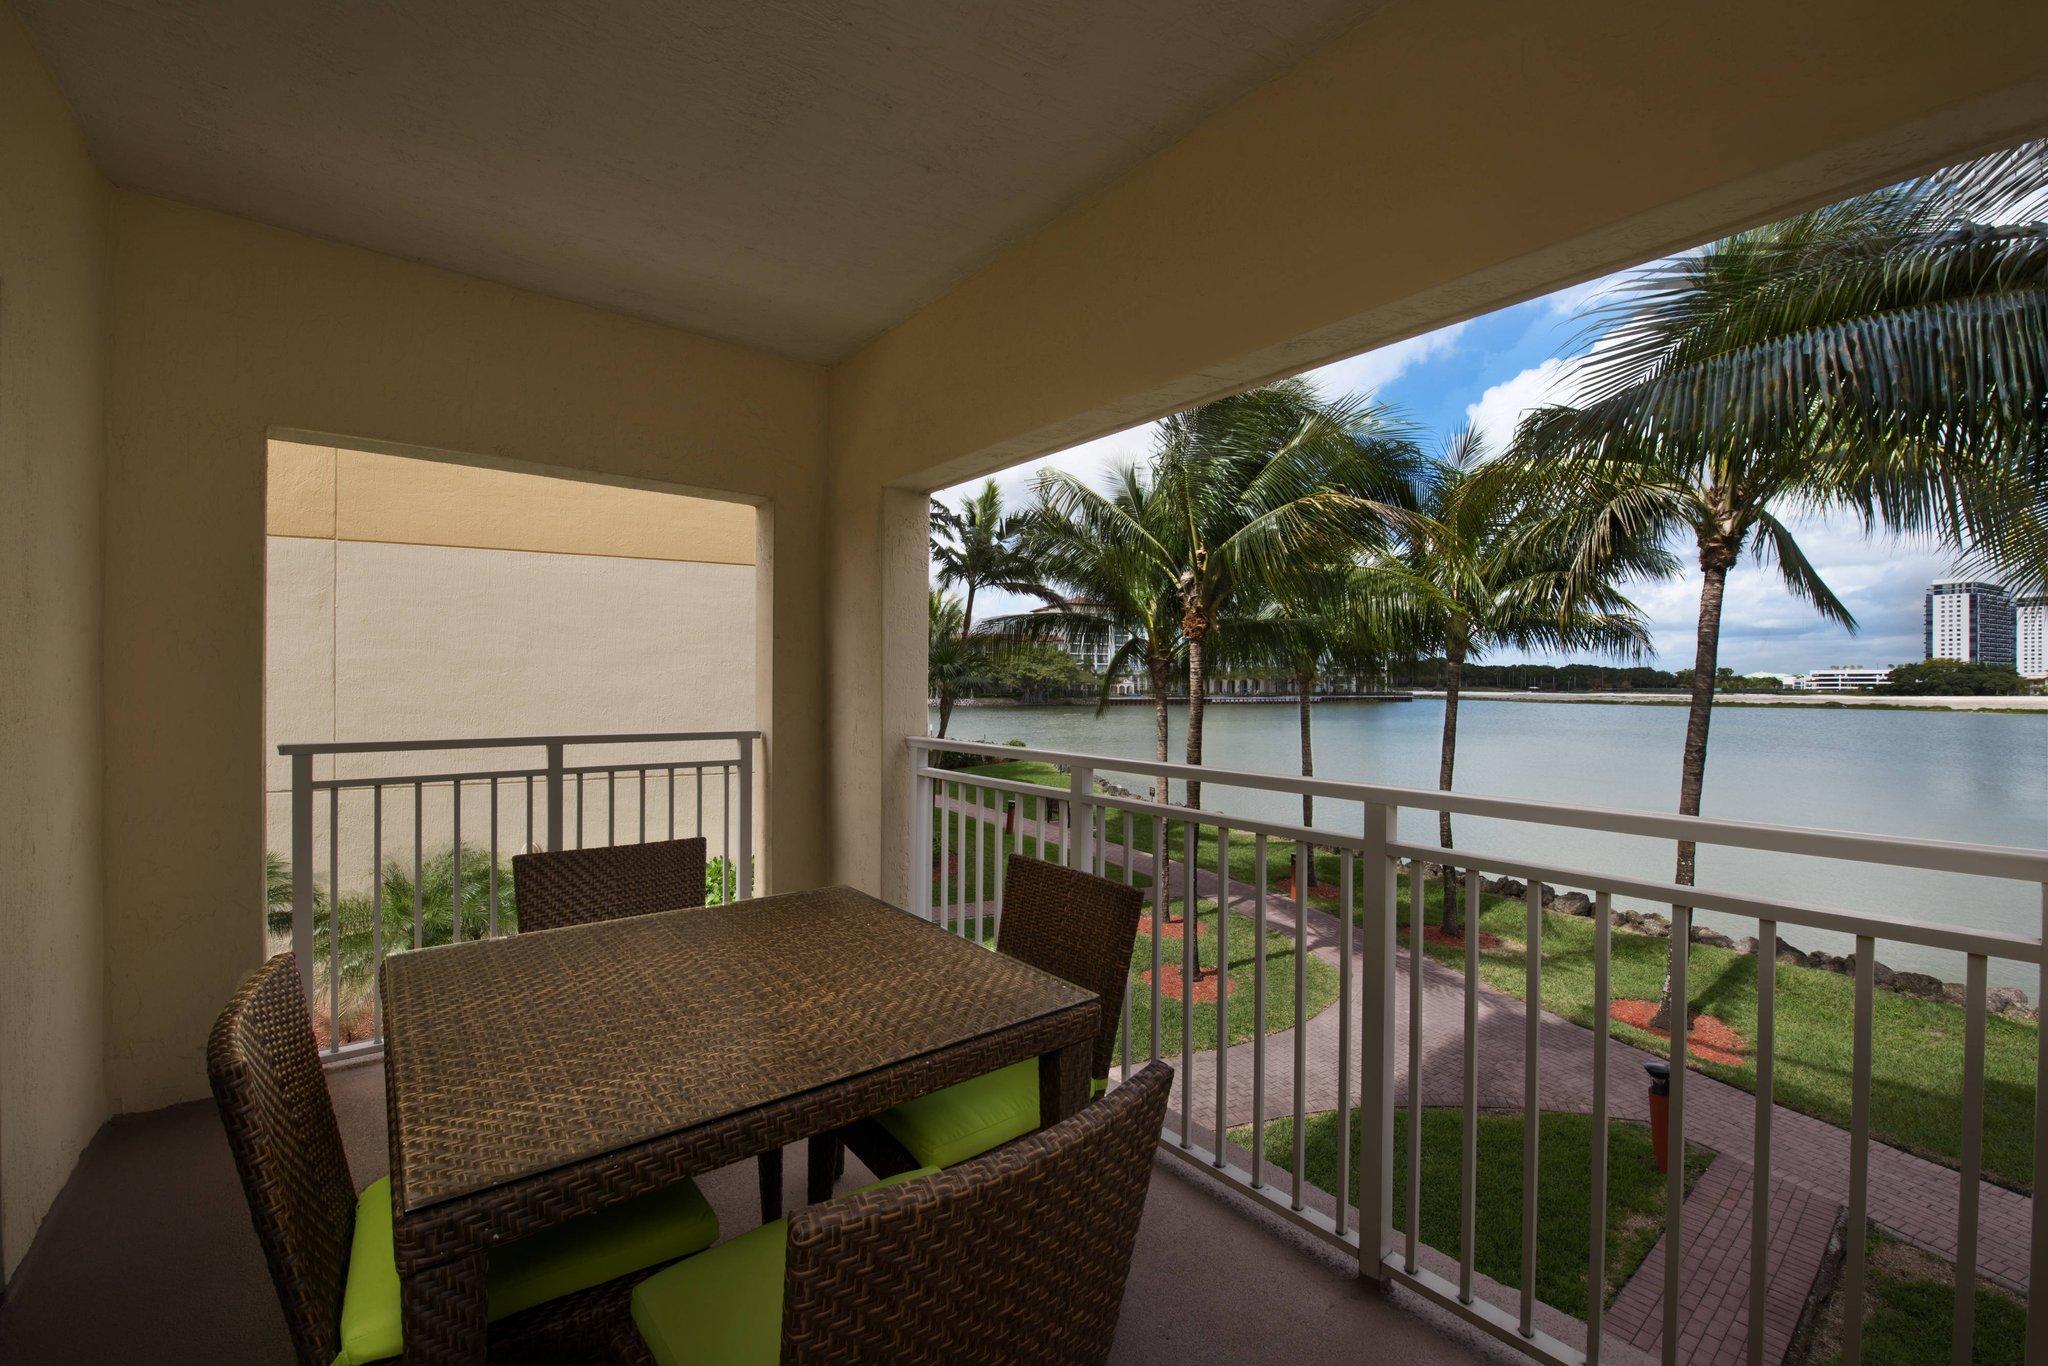 Marriott S Villas At Doral Majami Florida Ceny I Otzyvy Na Agoda